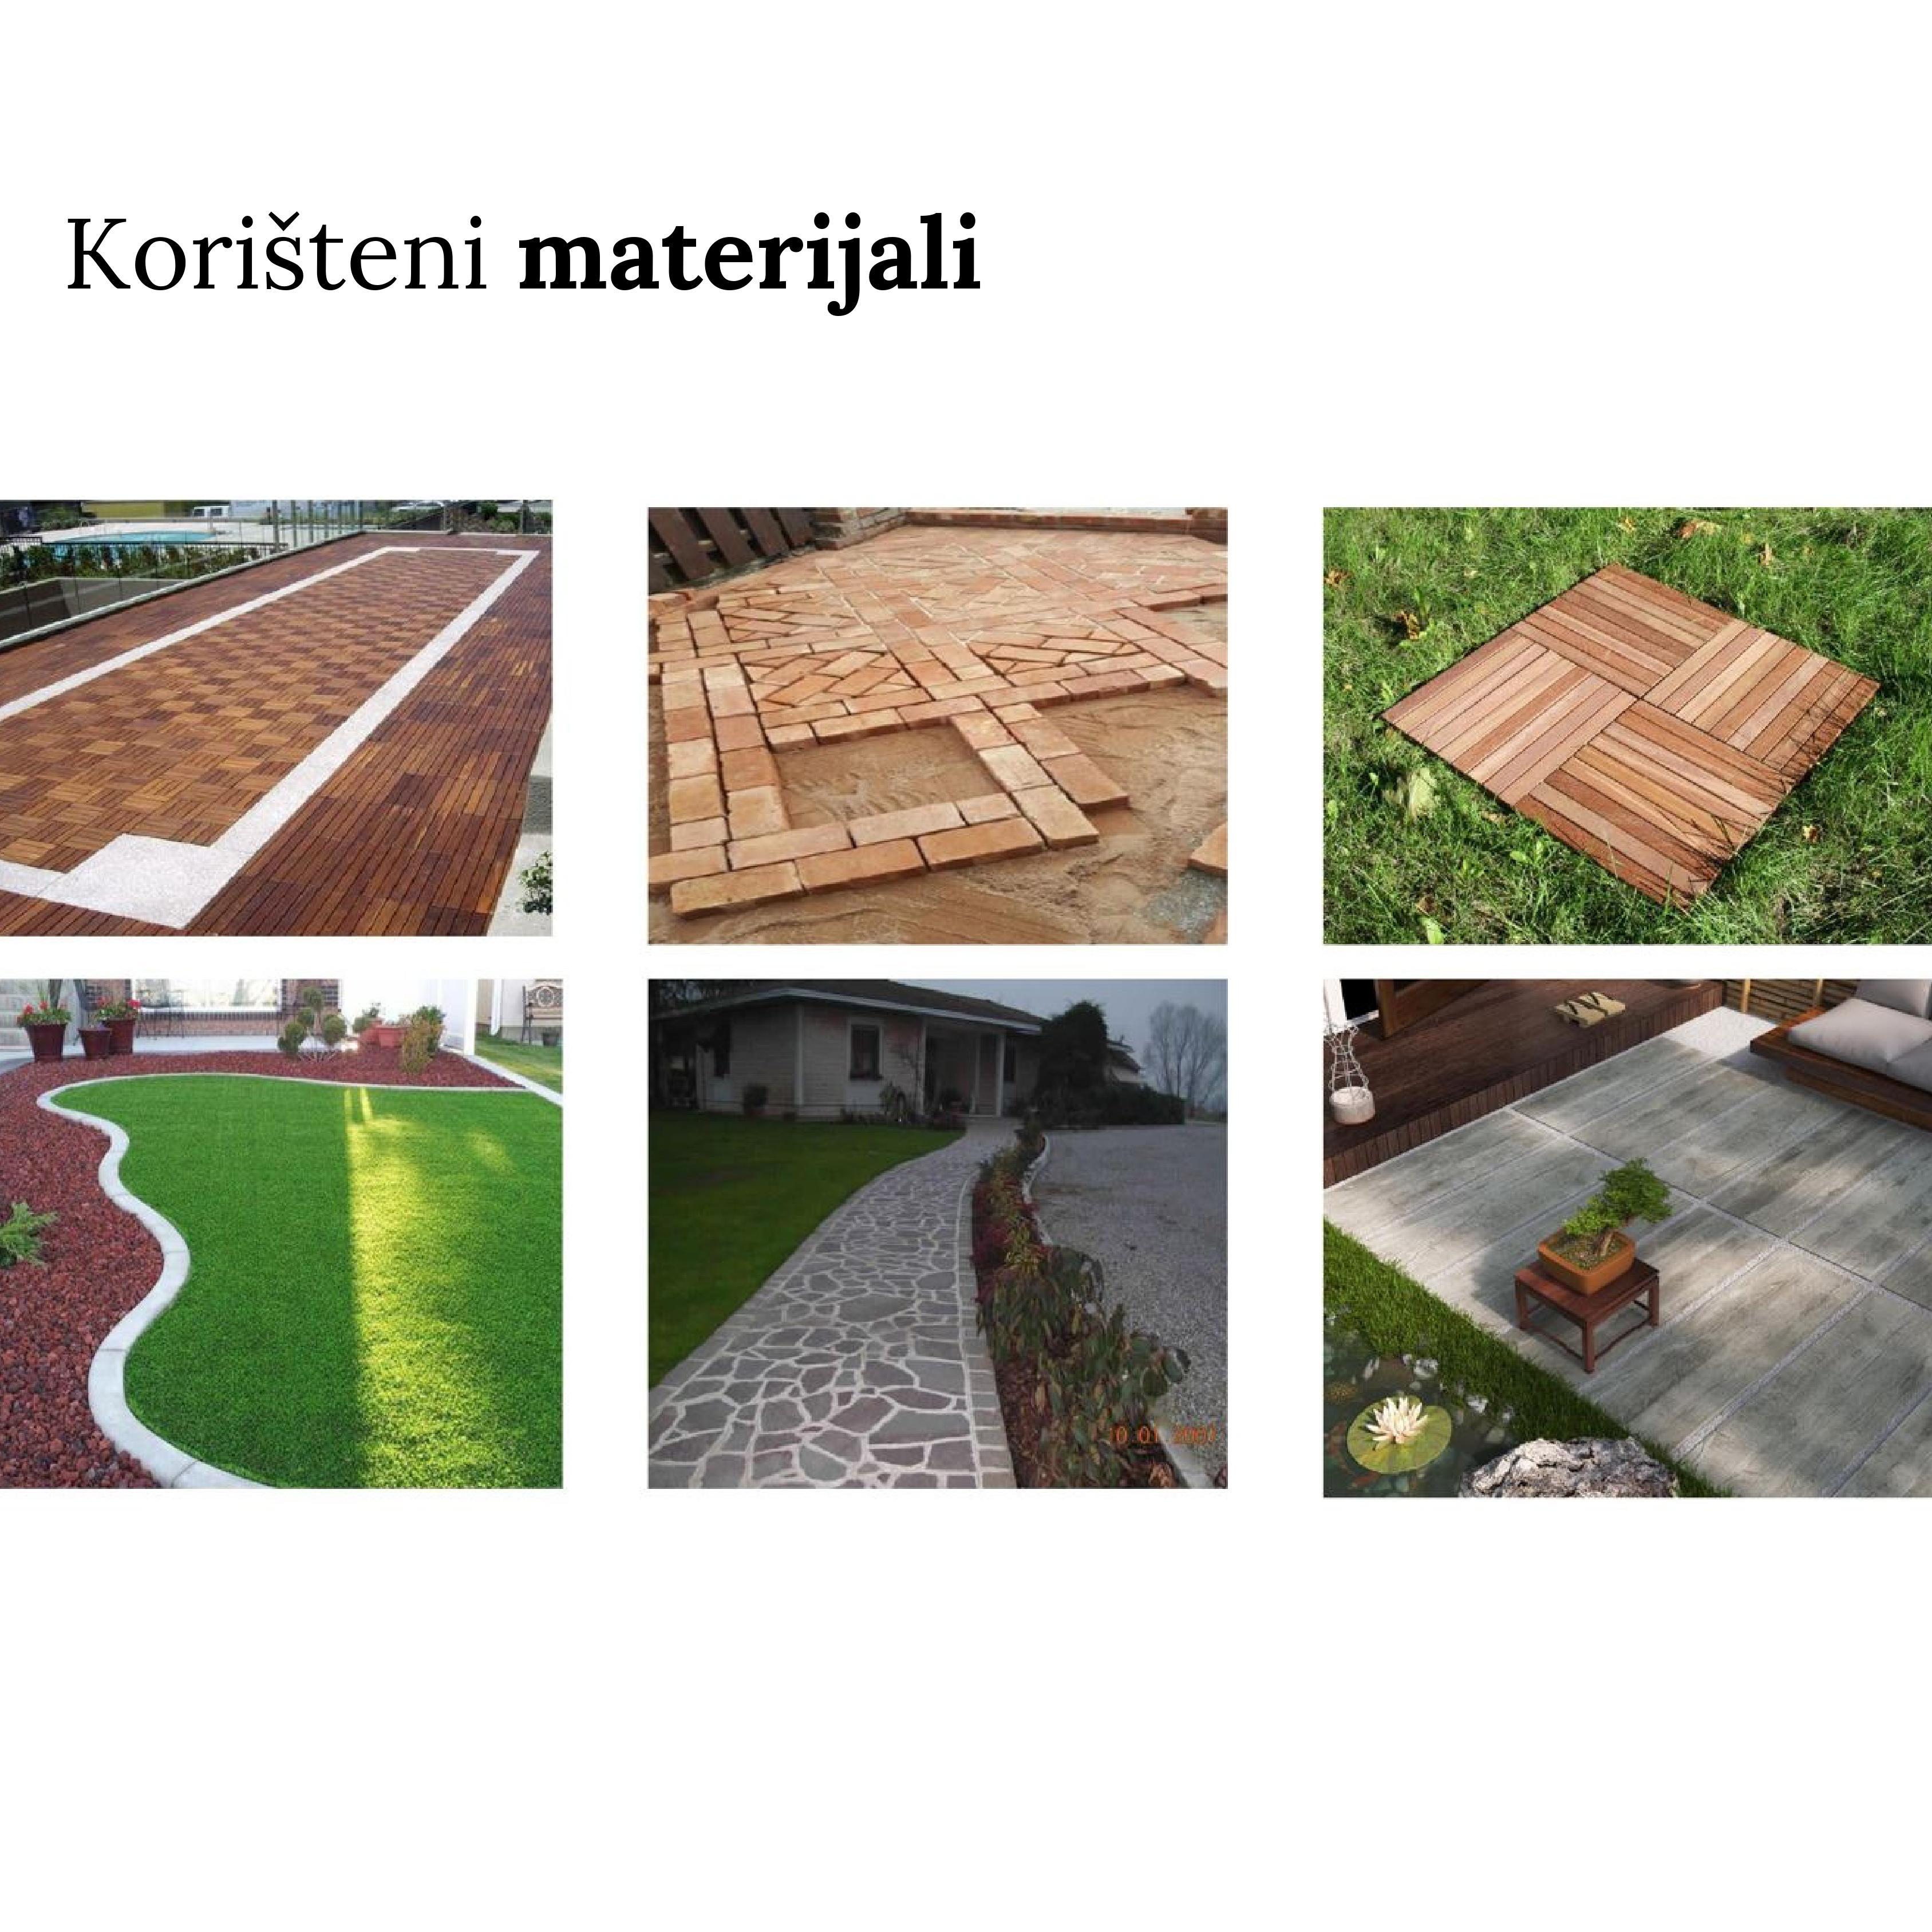 Završni rad kolegice Jelene Budimir Zrno – Učilište Profokus